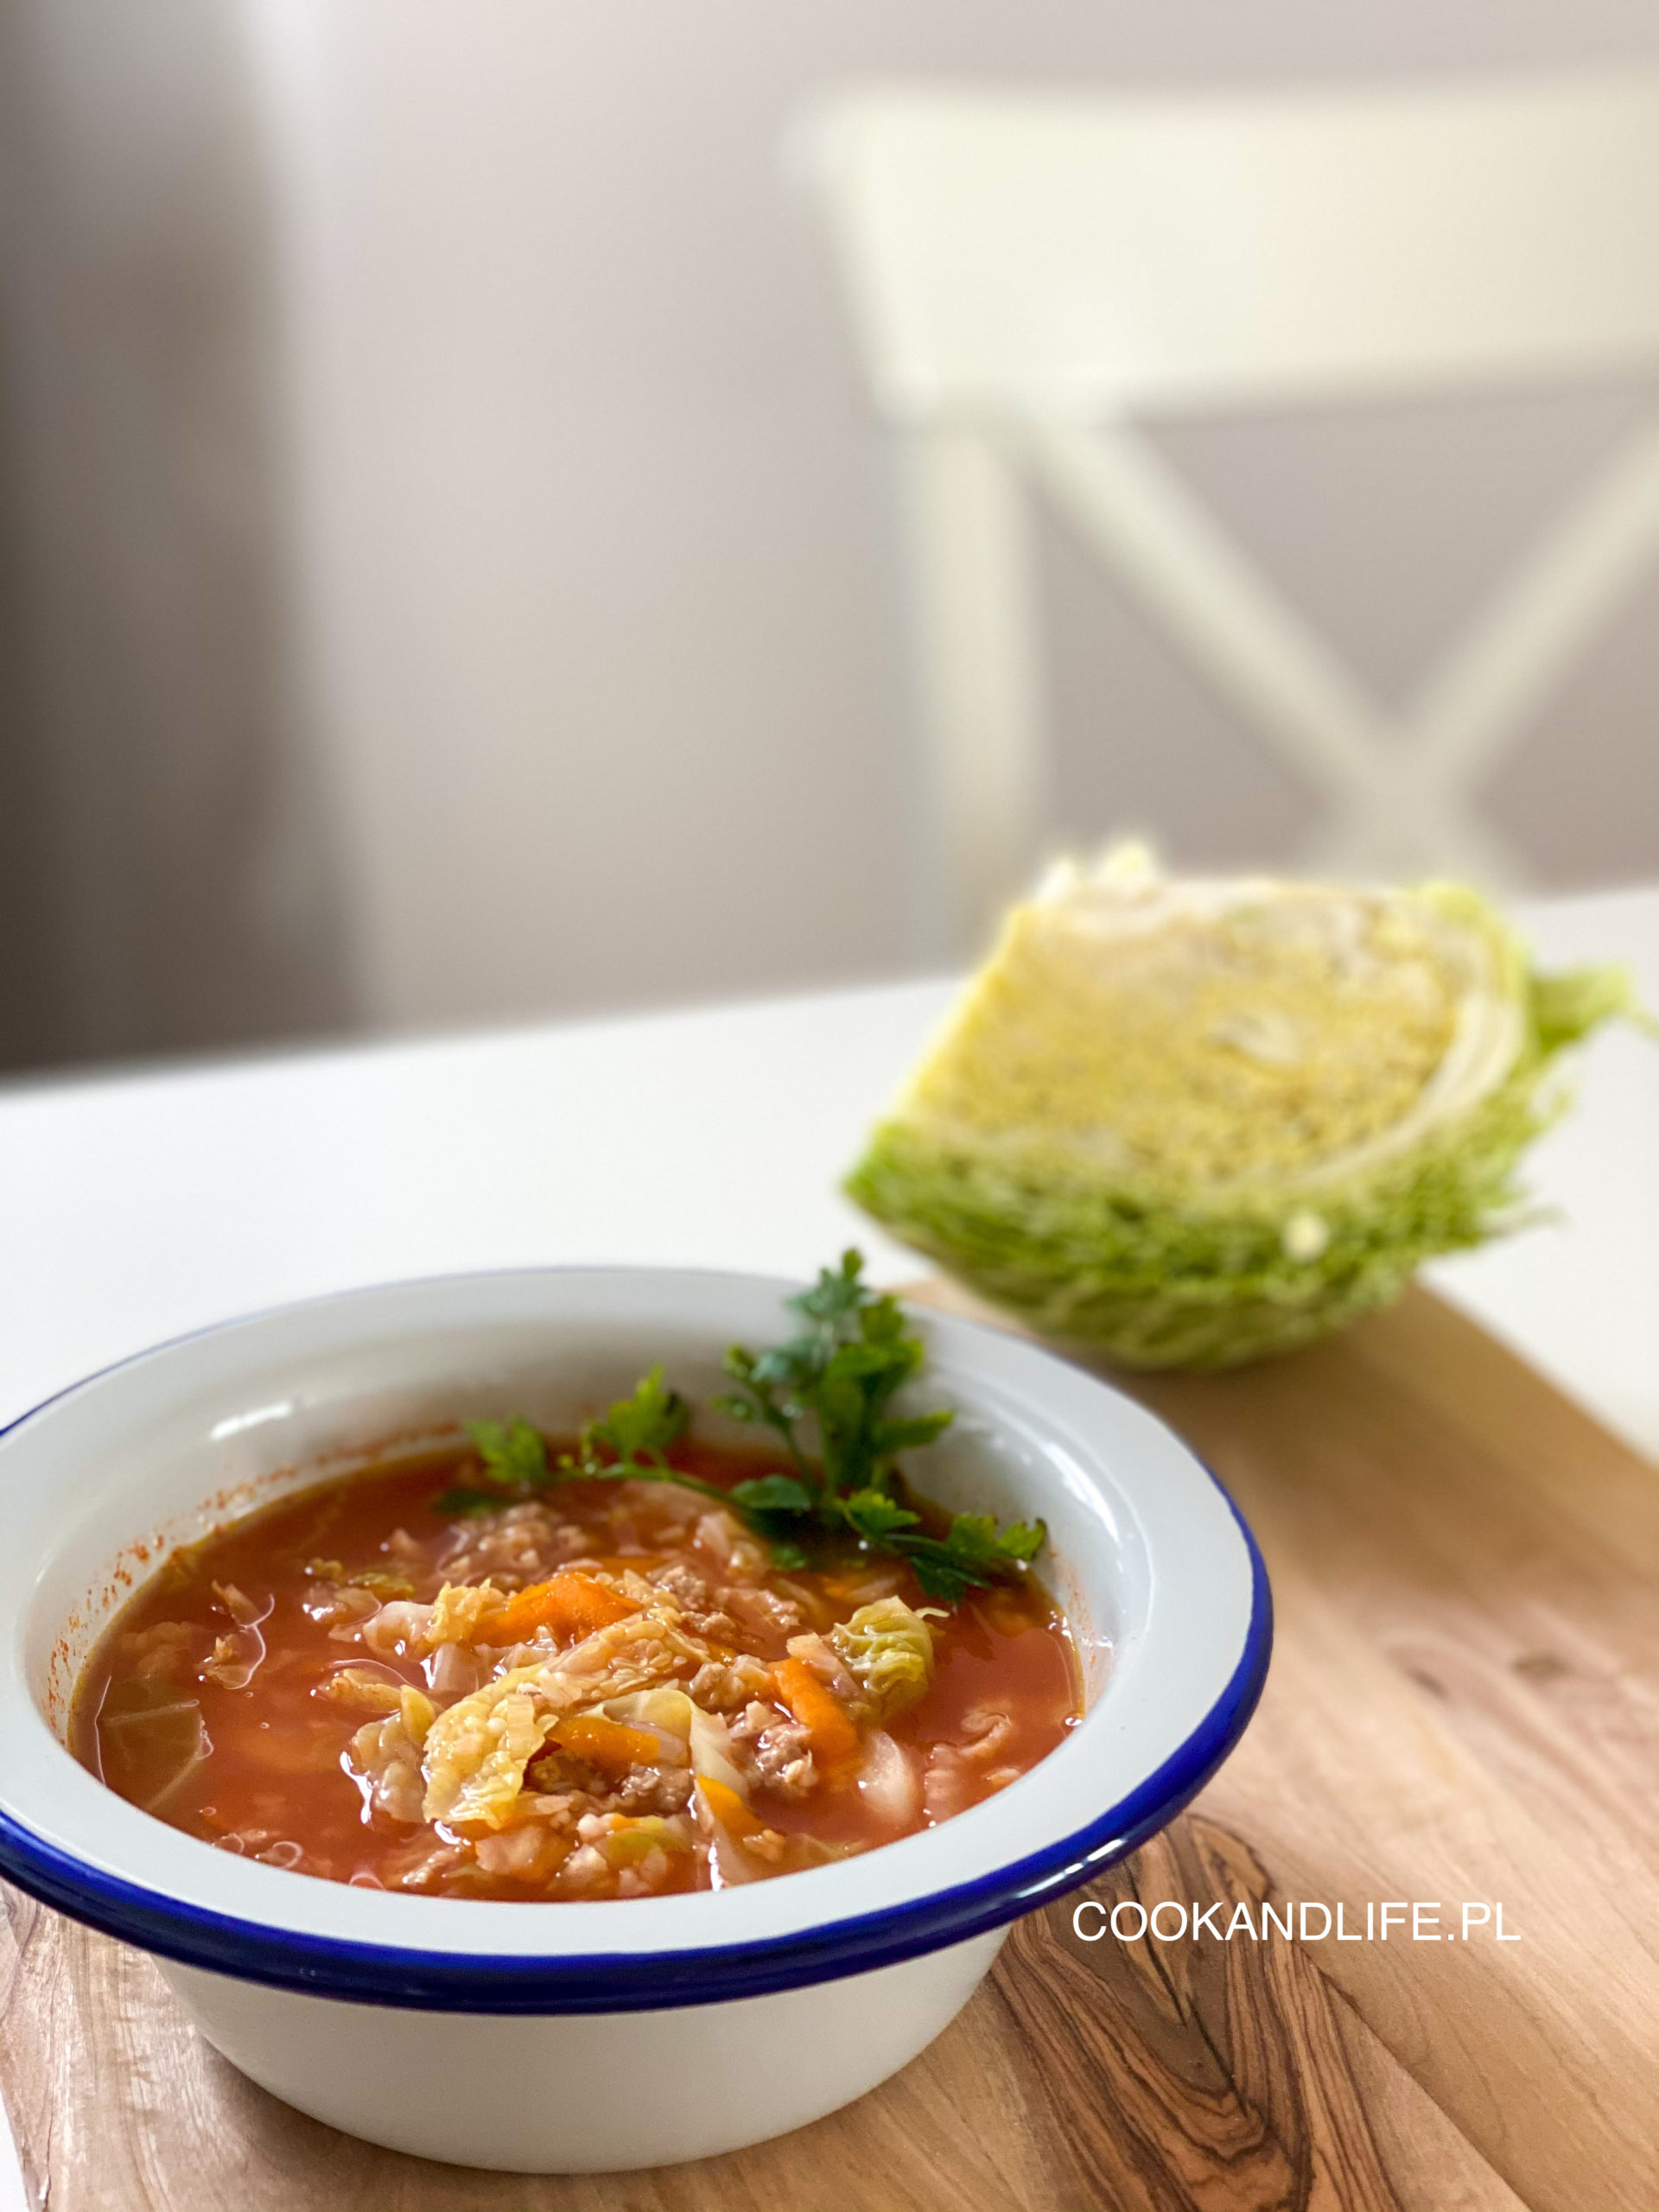 Zupa gołąbkowa, czyli pożywna zupa po pracy